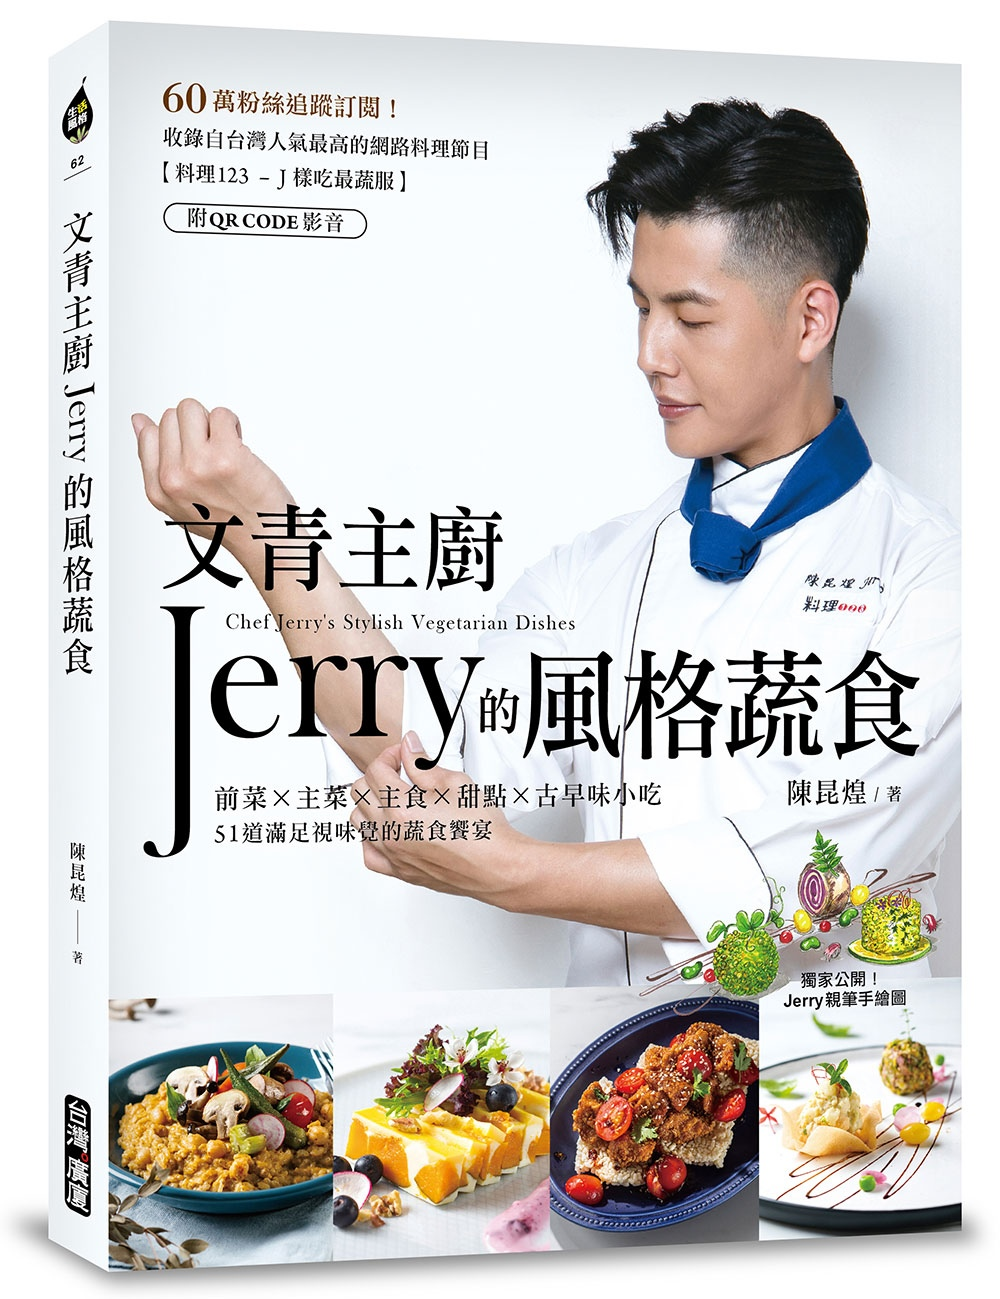 文青主廚Jerry的風格蔬食(獨家限量親簽版)